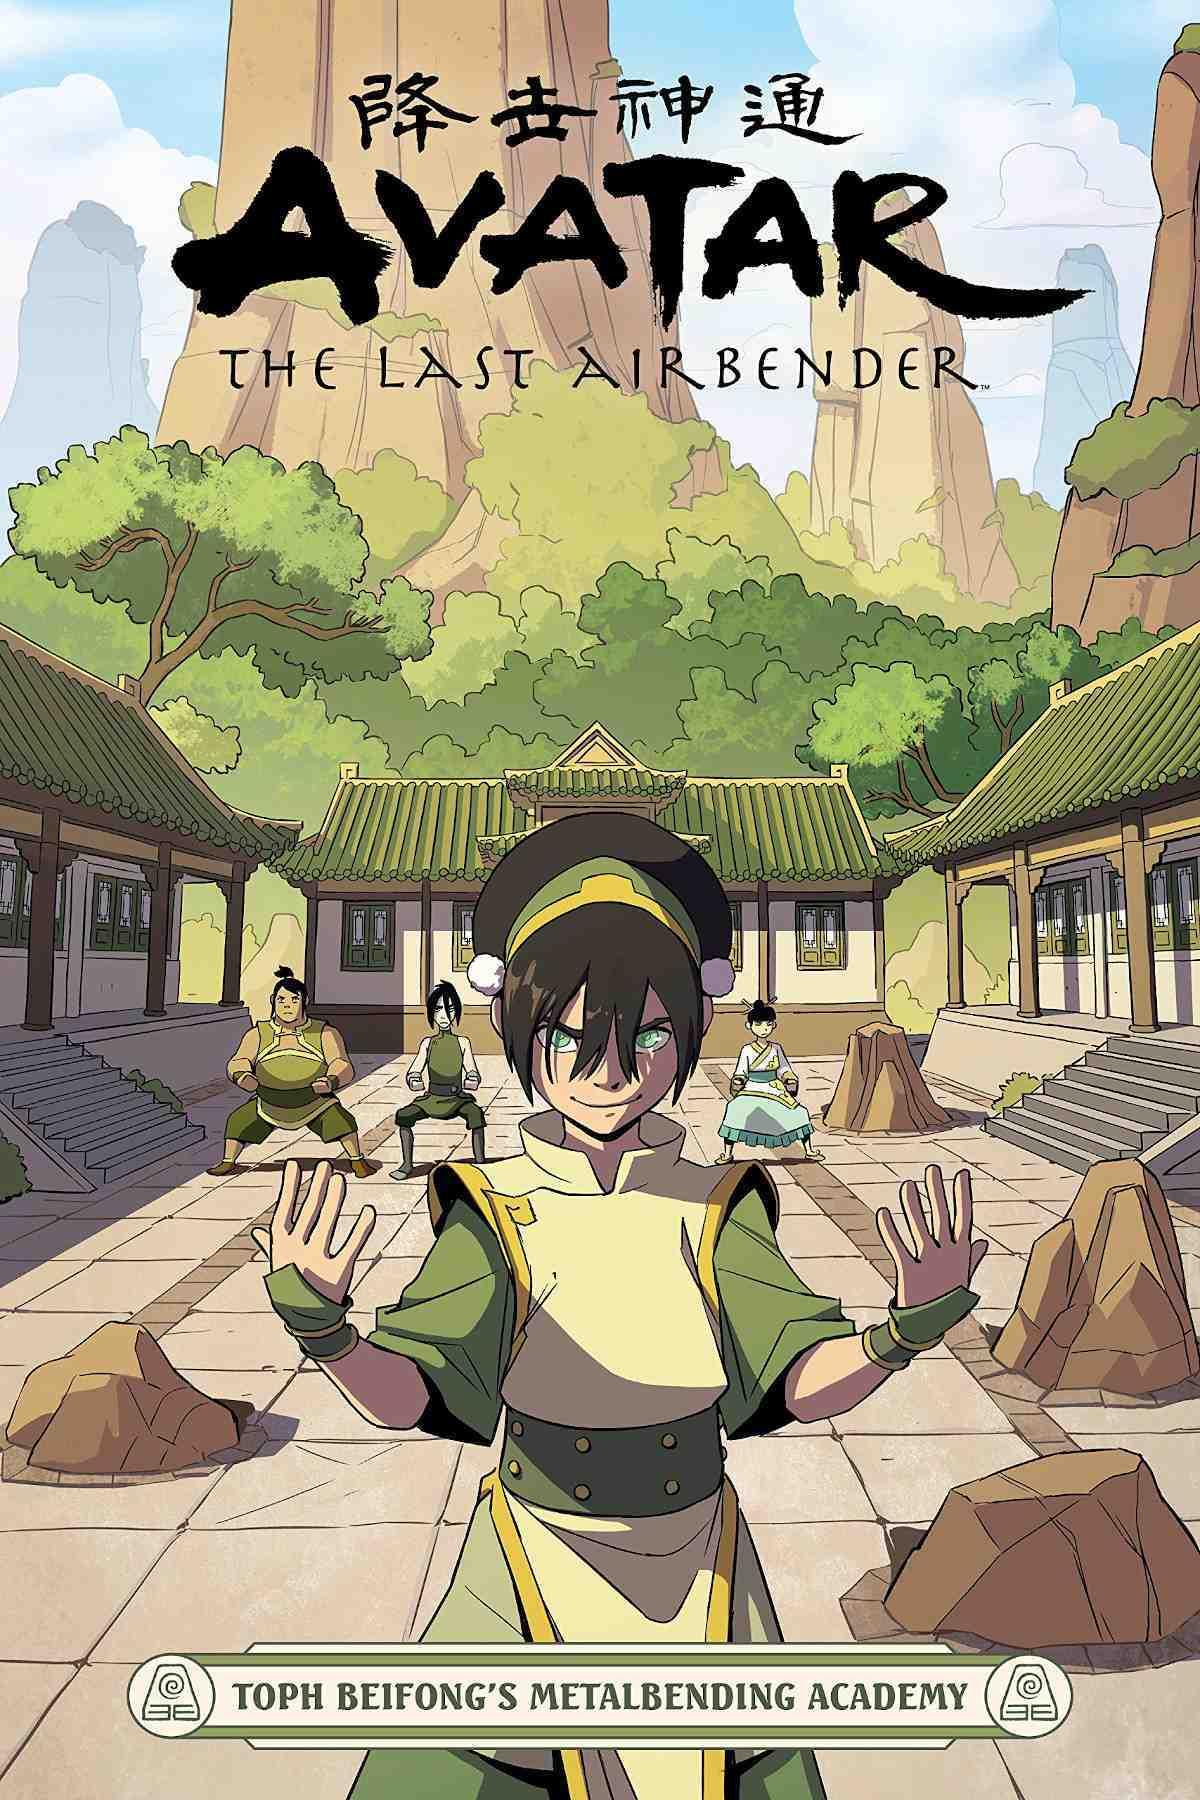 Avatar the Last Airbender -- Toph's Metalbending Academy